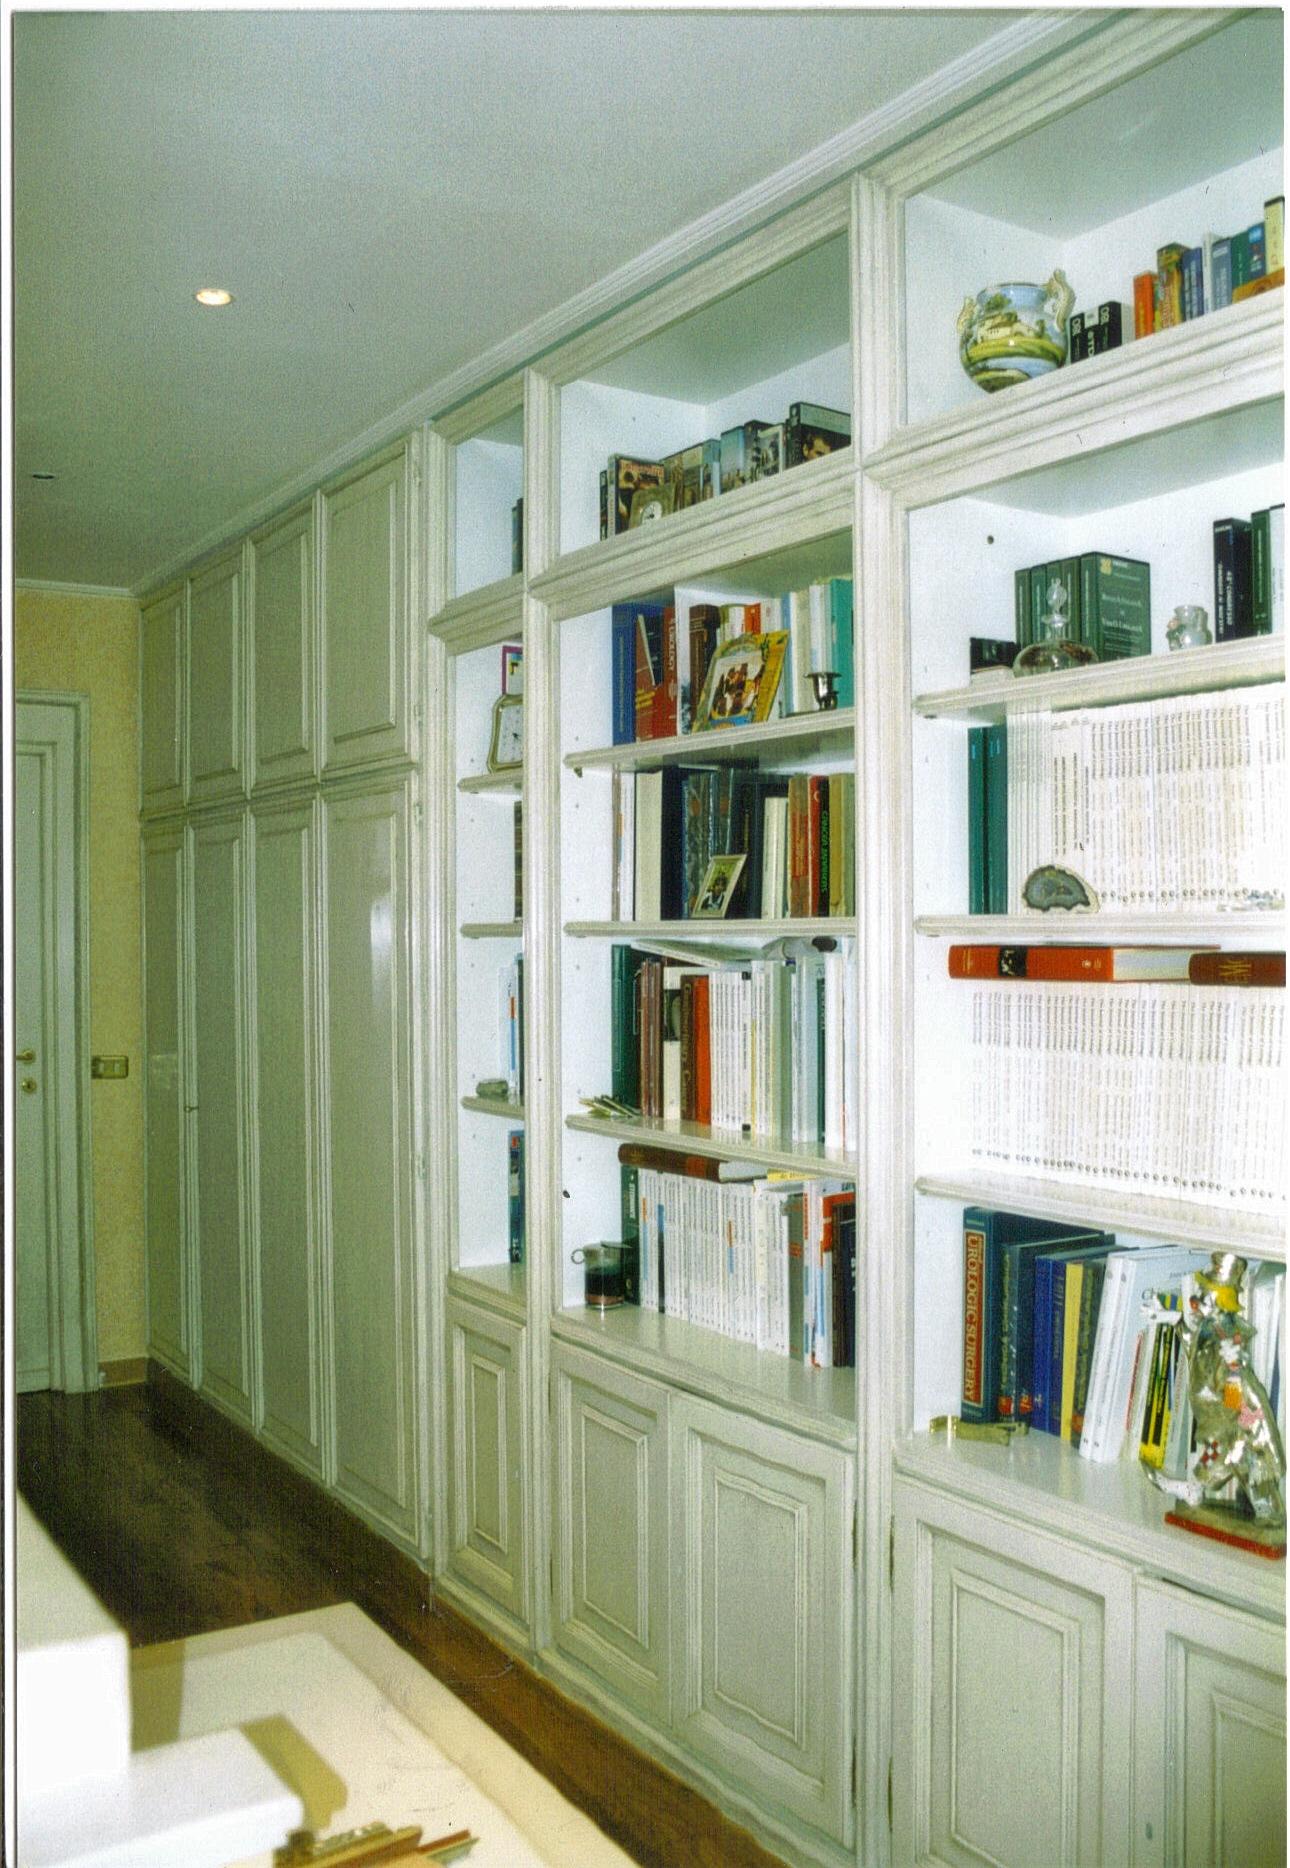 Libreria A Muro Bianca Of Le Mani Che Cambiano Le Cose Le Mani Che Hanno Nel